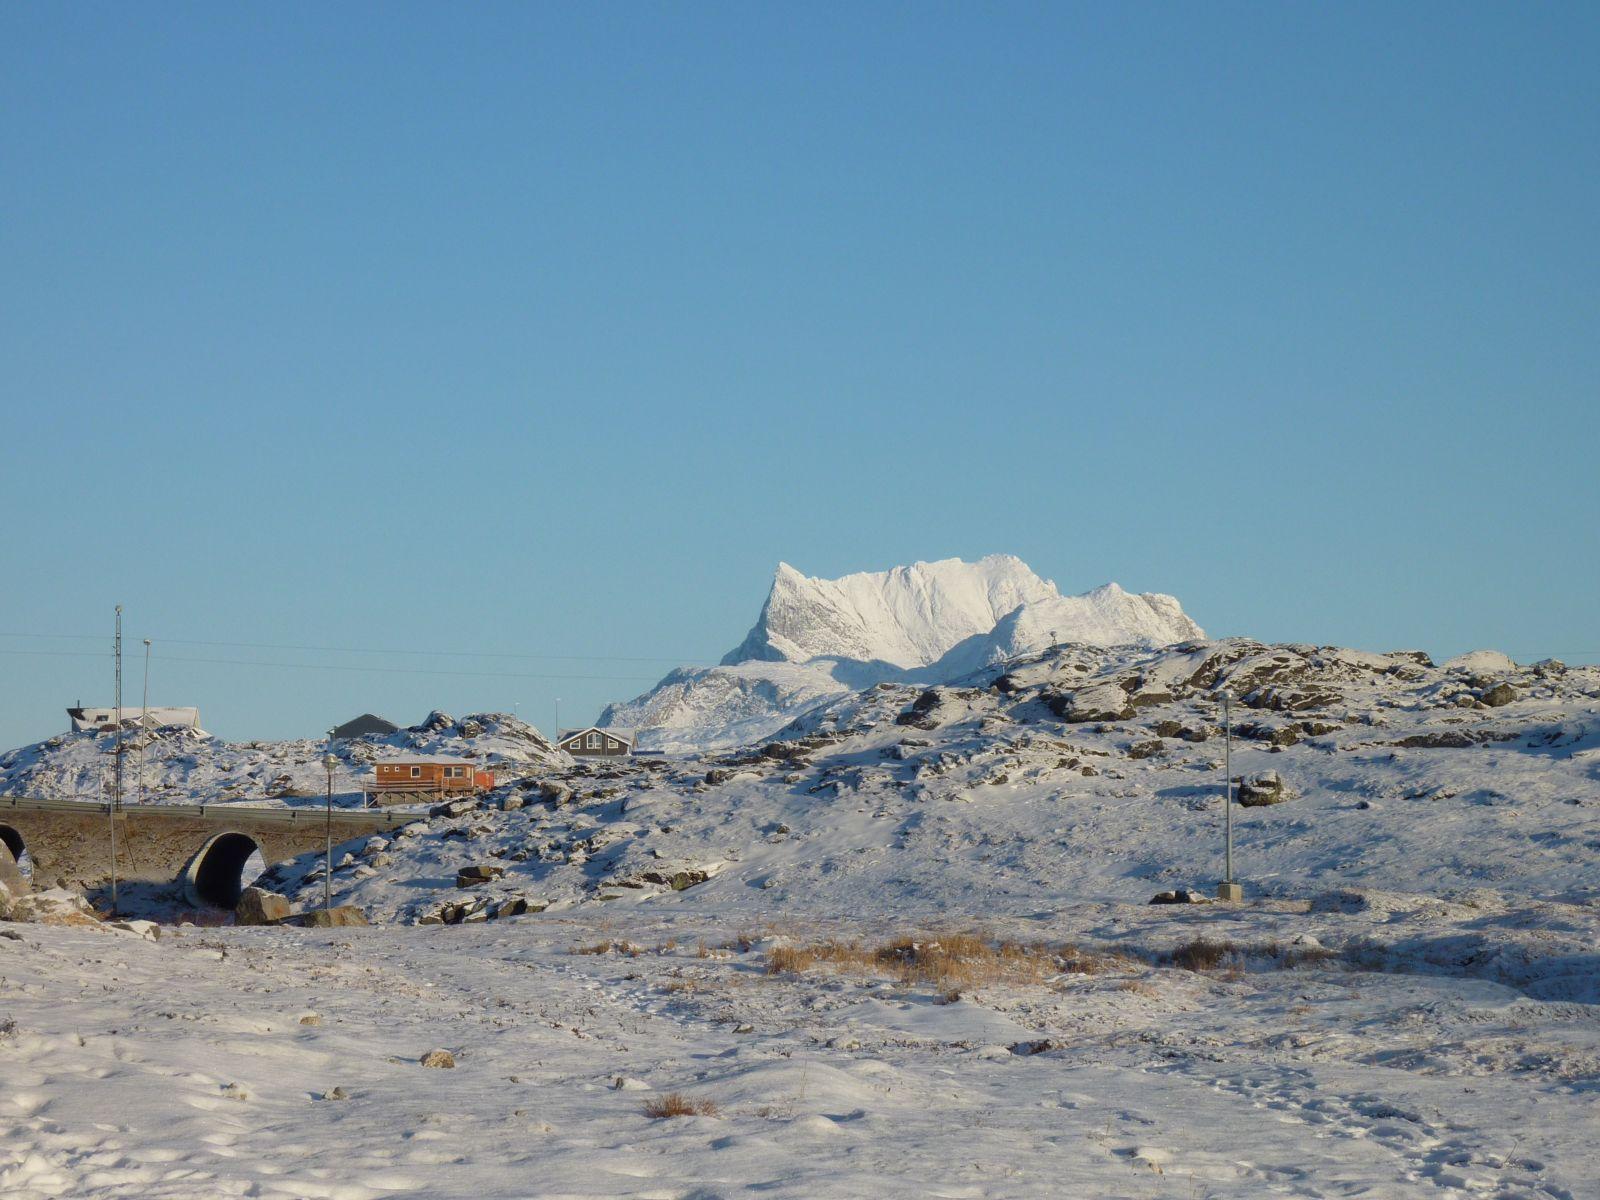 2010-11-17-1302_-_Sermitsiaq